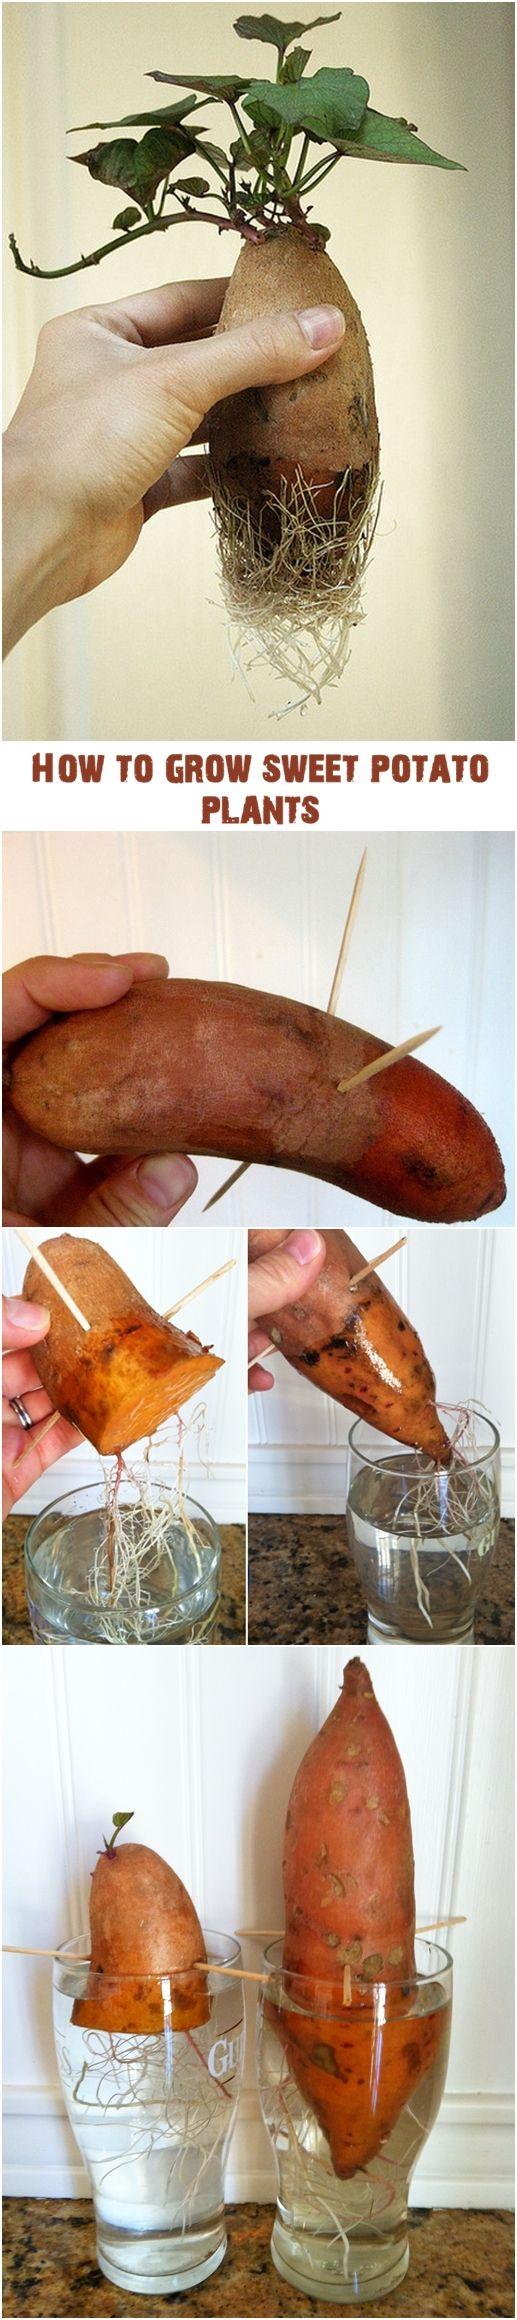 Comment faire pousser des plantes de patates douces .JAS.